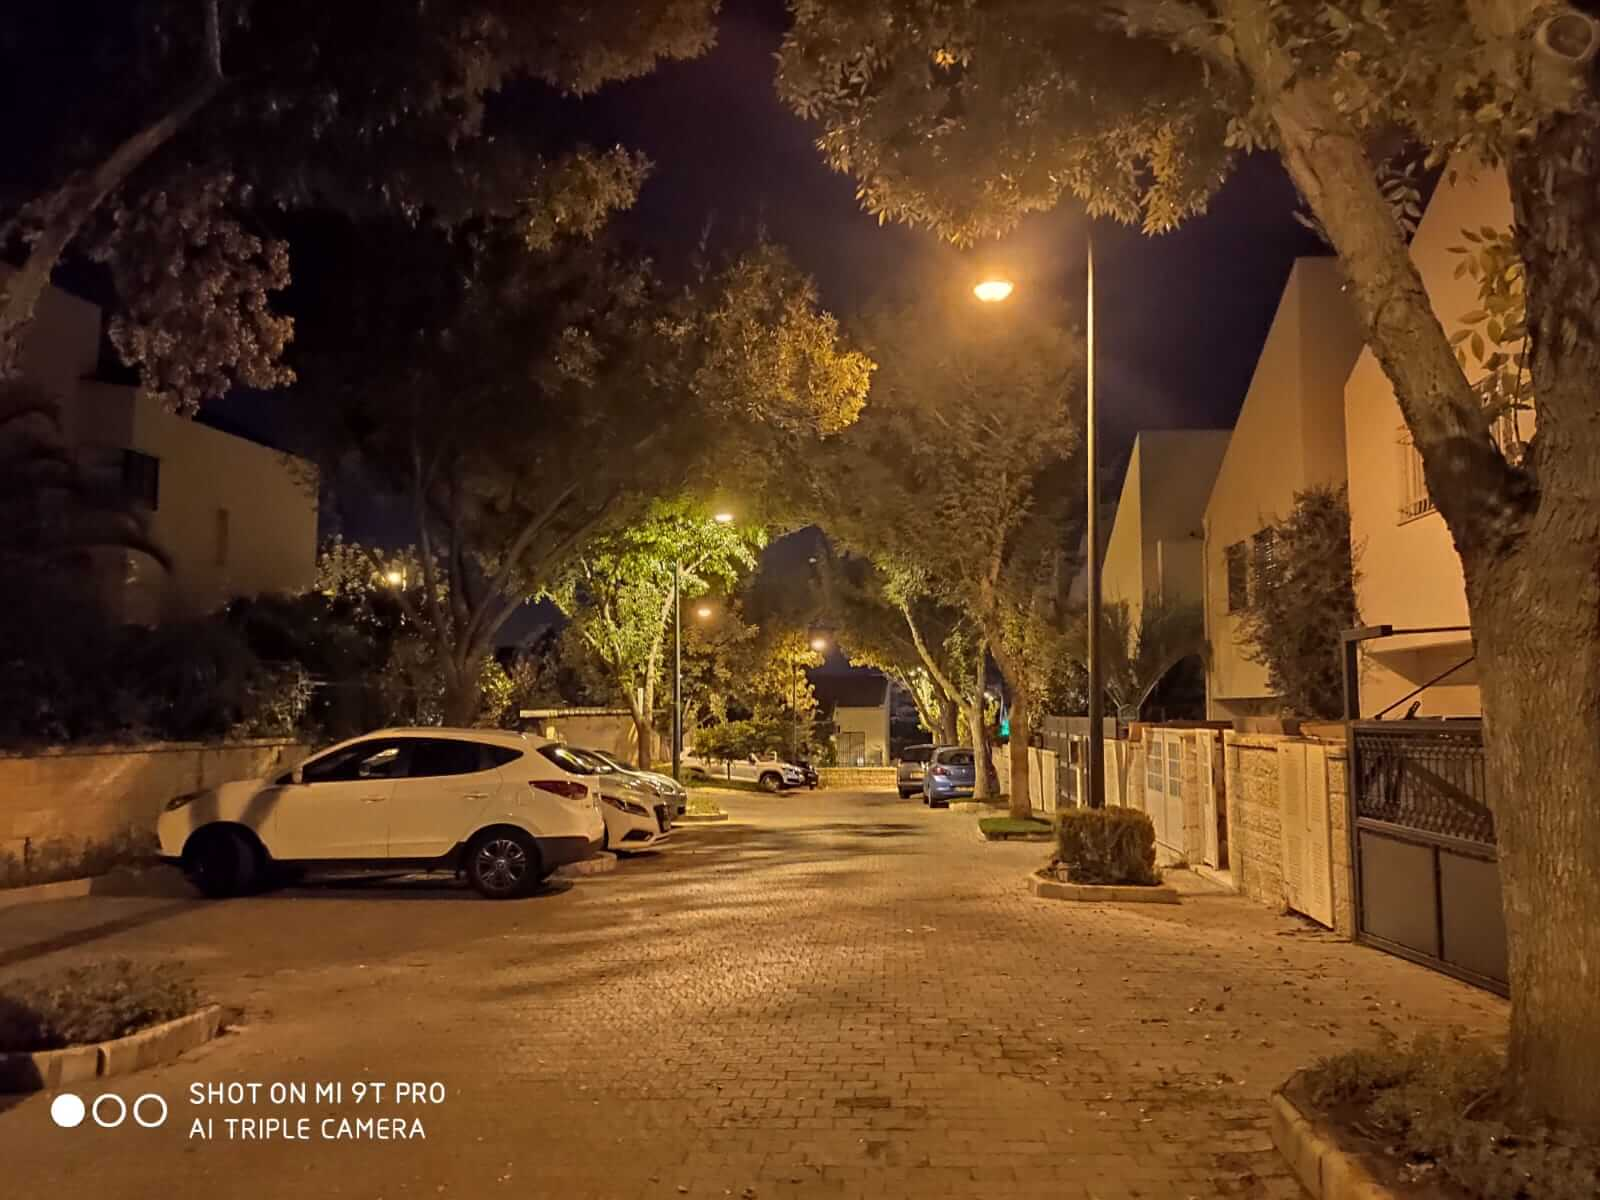 צילום לילה שיאומי Mi 9 T PRO 11